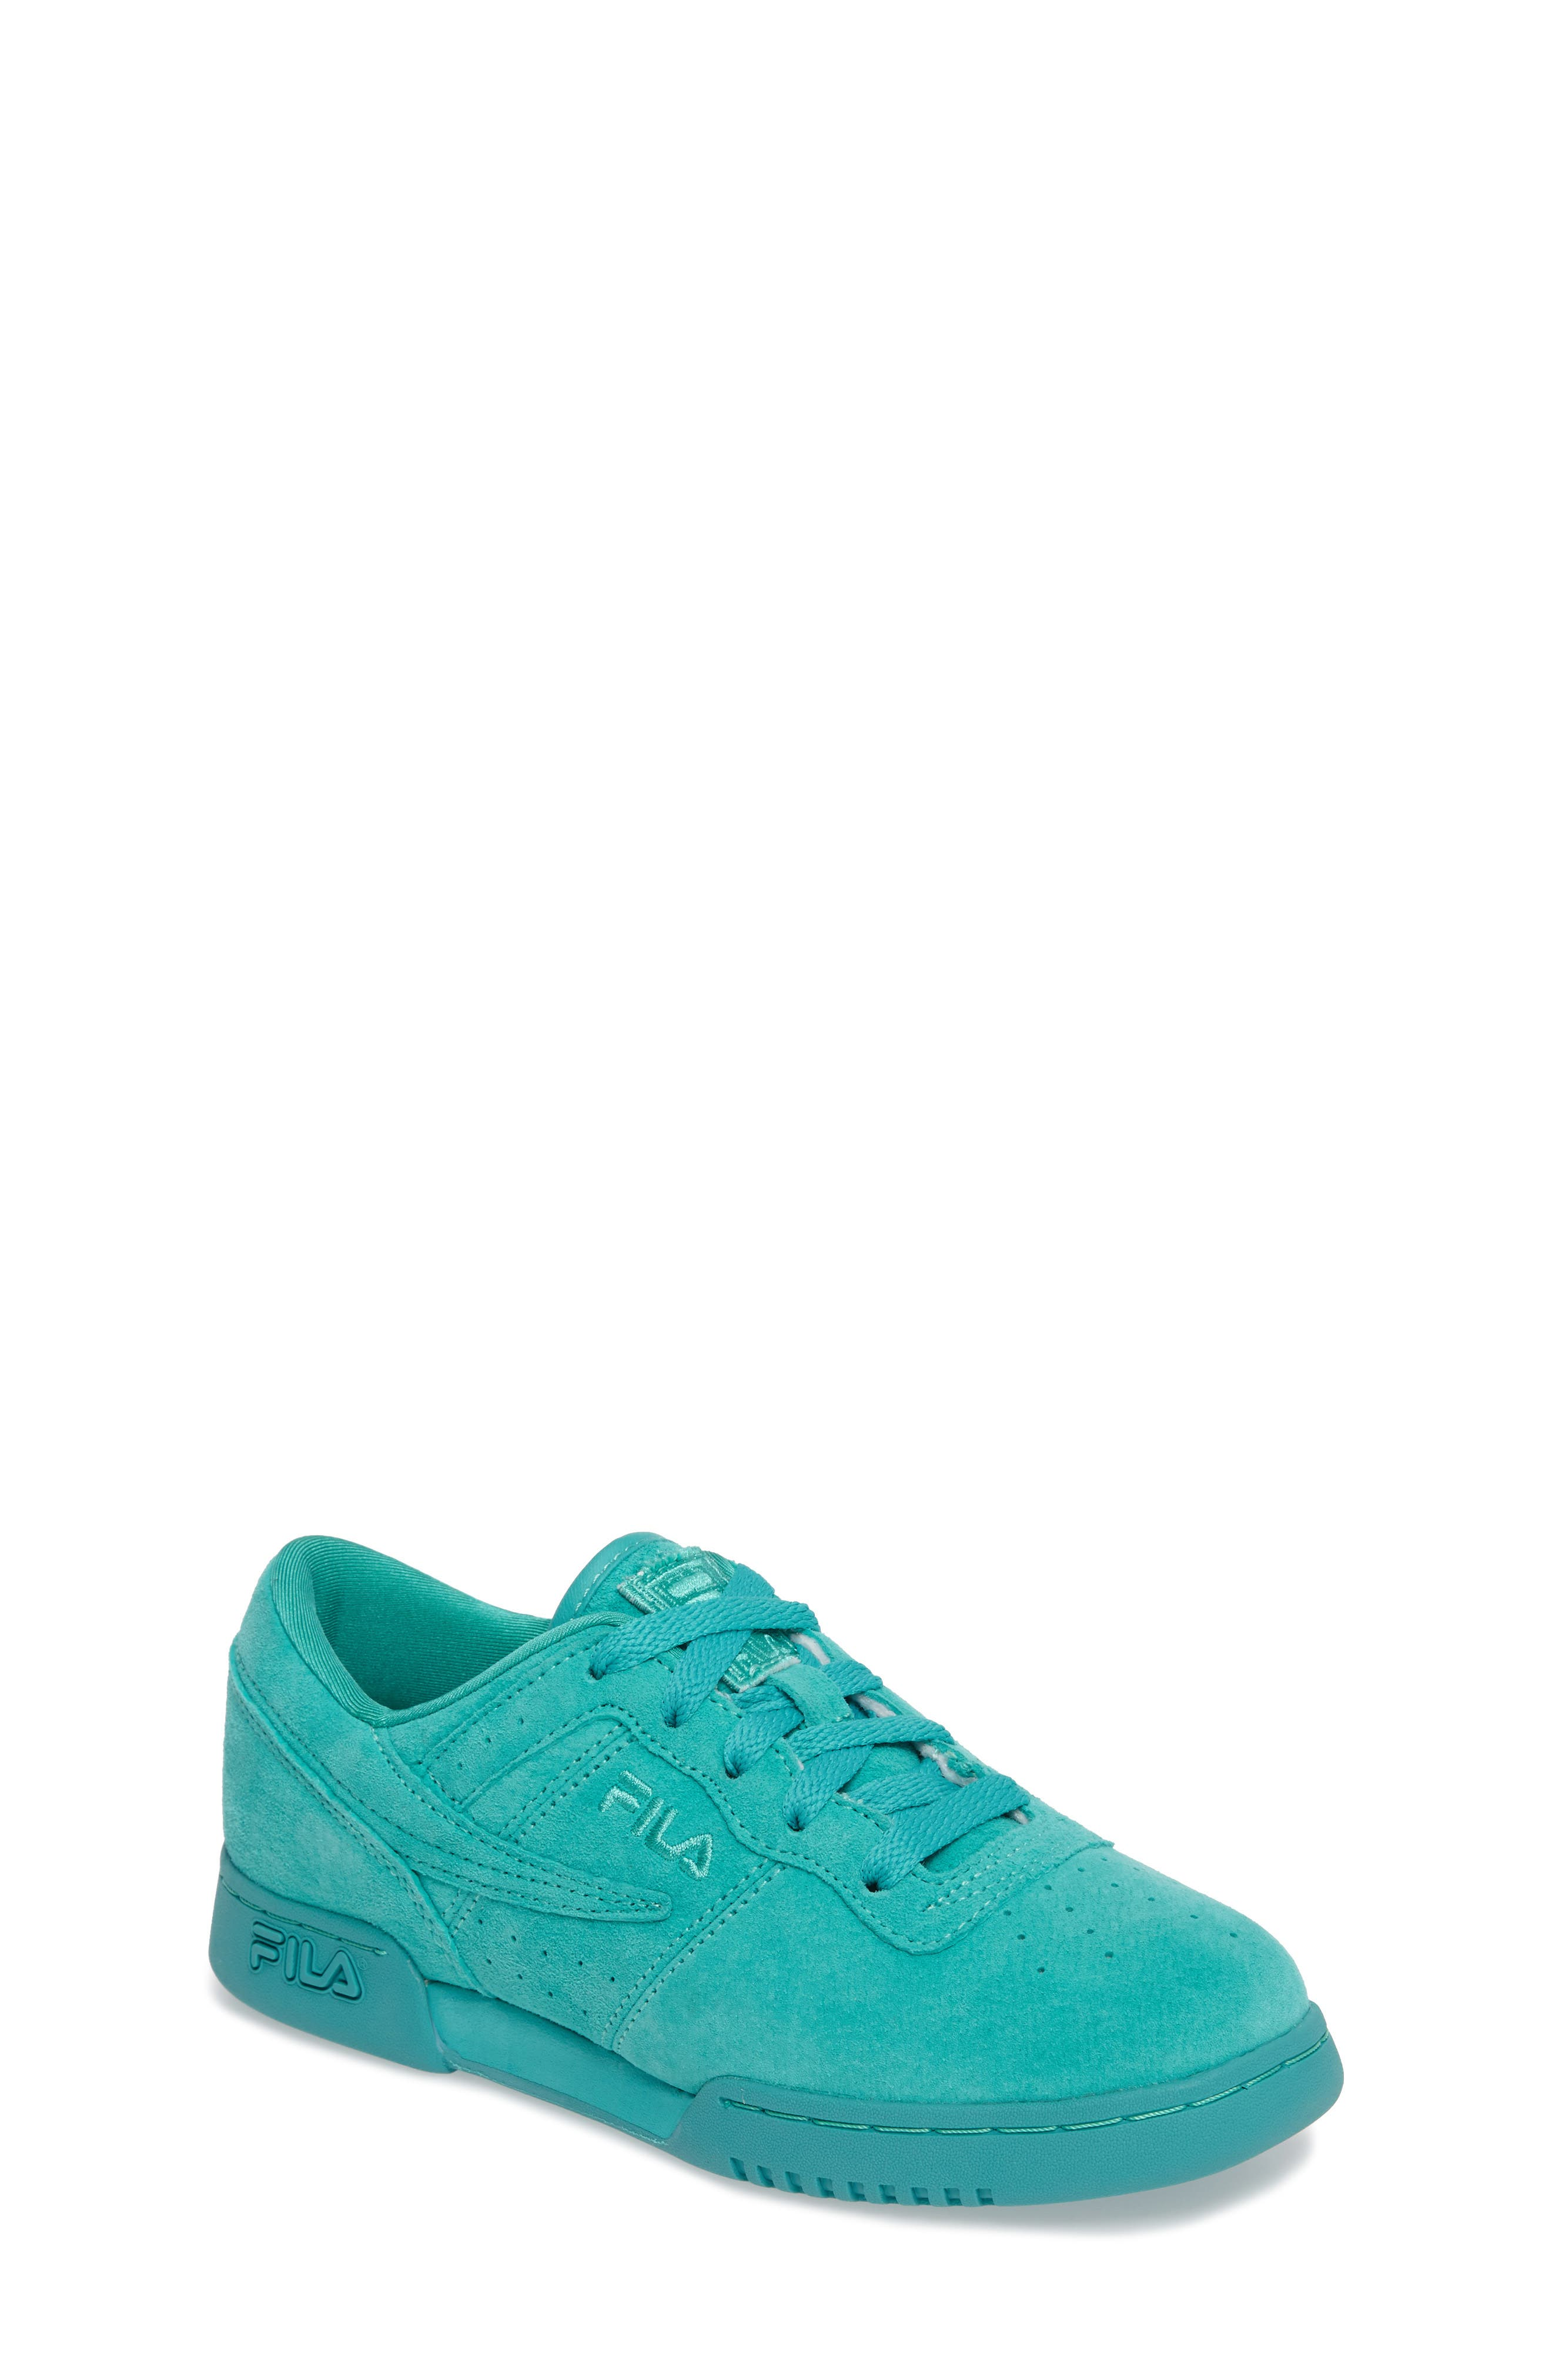 Original Fitness Sneaker,                         Main,                         color, 400